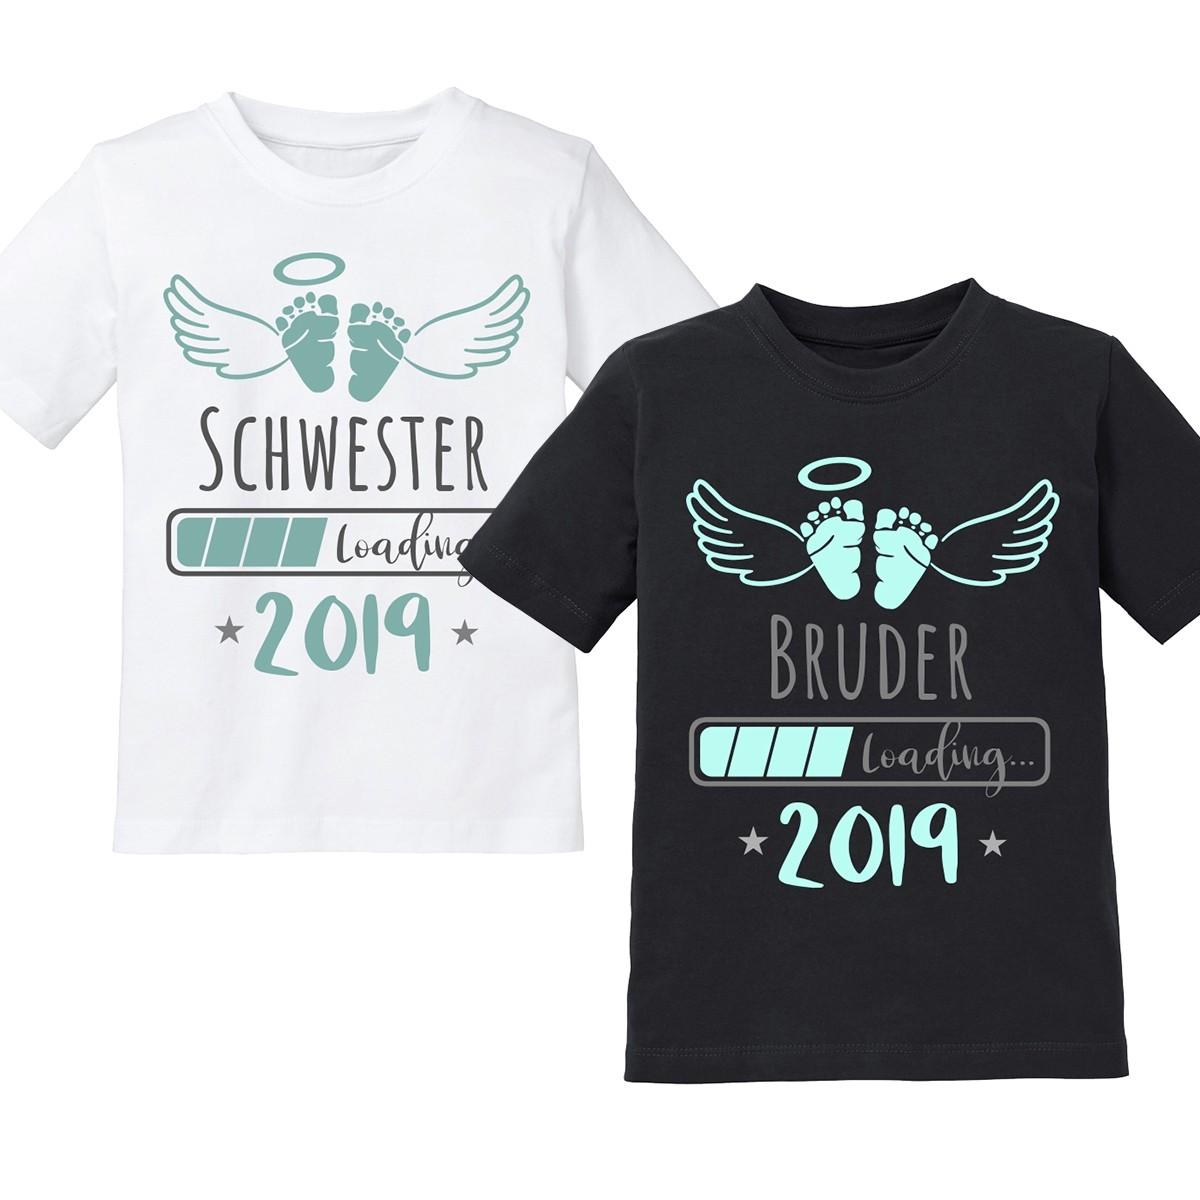 Kinder T-Shirt Modell:  2019 Schwester / Bruder LOADING...